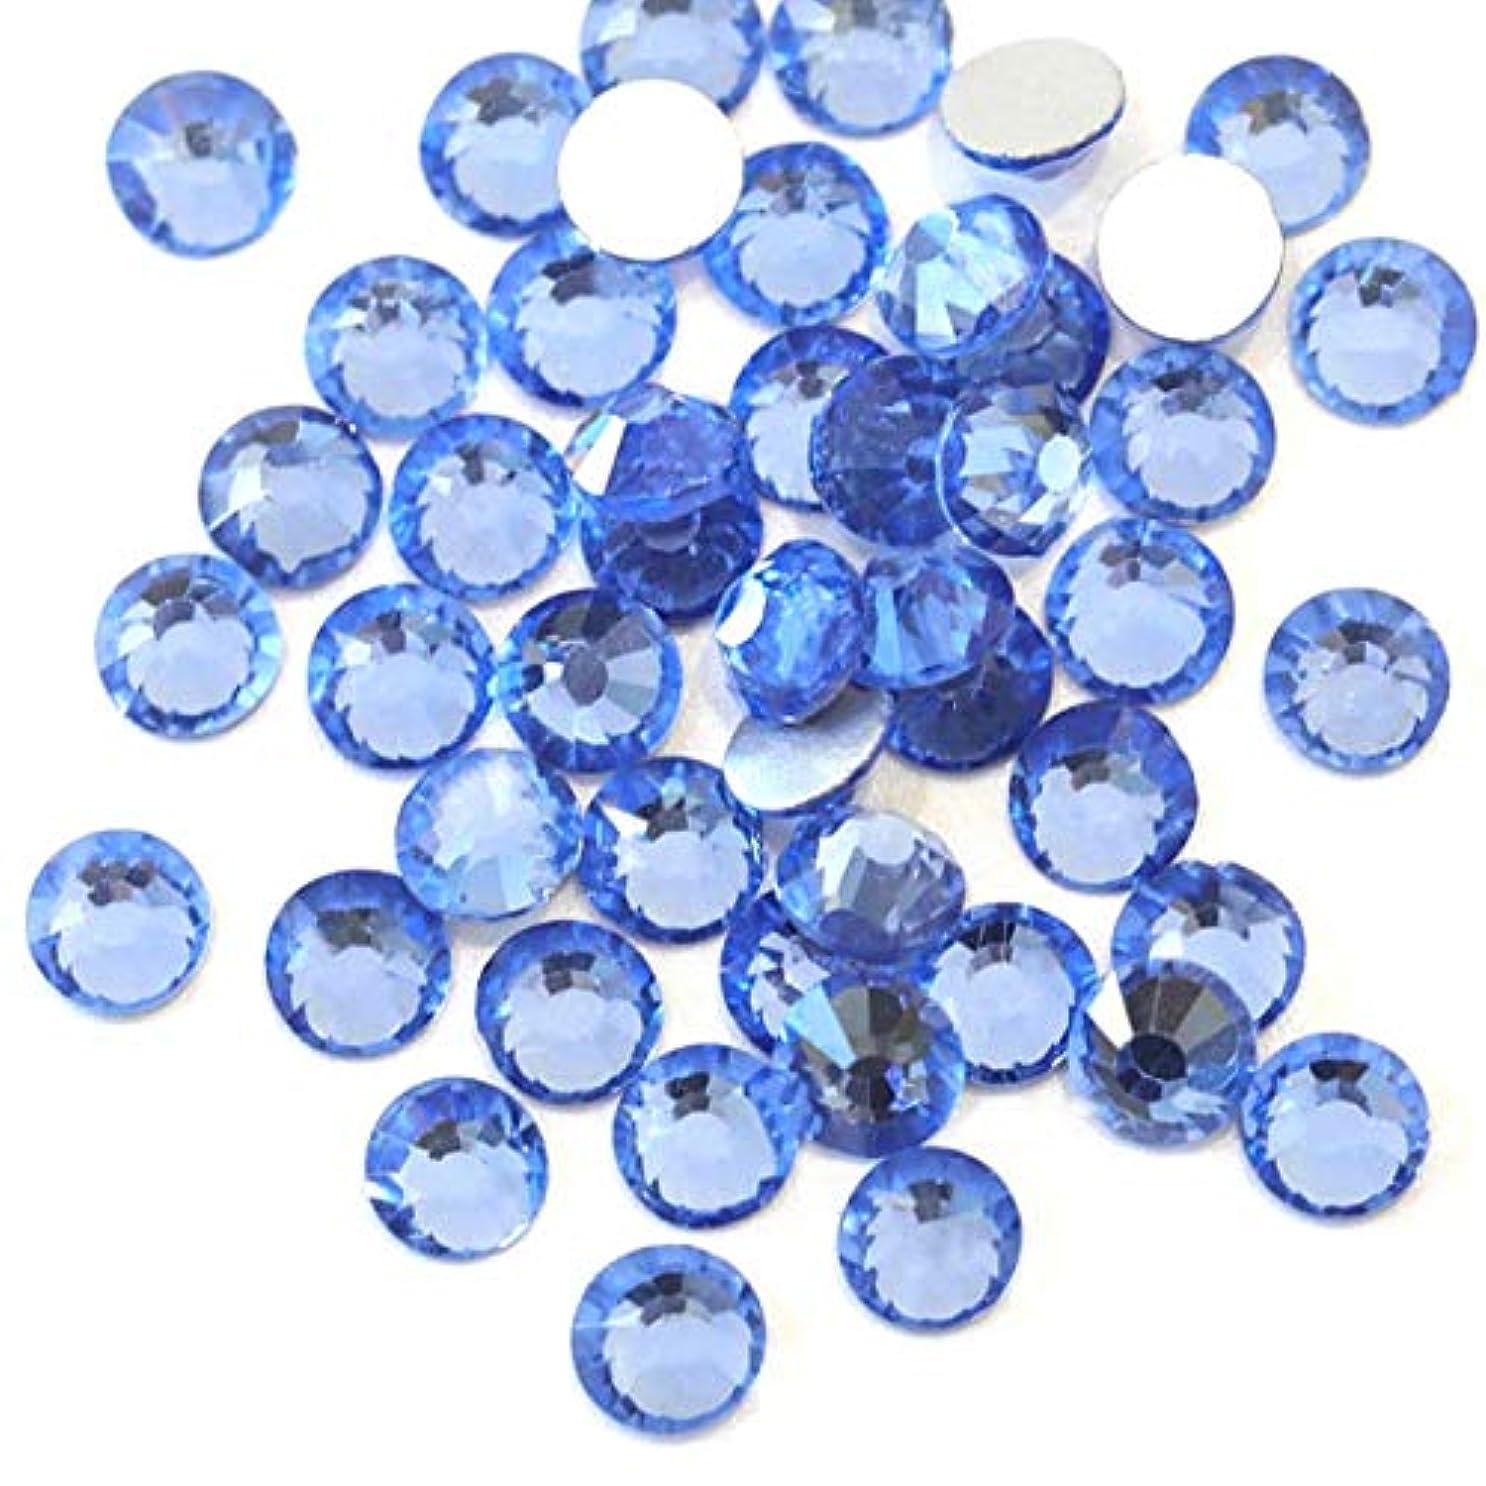 亡命工夫する値する【ラインストーン77】 超高級 ガラス製ラインストーン SS4~SS40 ライトサファイア スワロフスキー同等 (4.7mm (SS20) 約120粒)